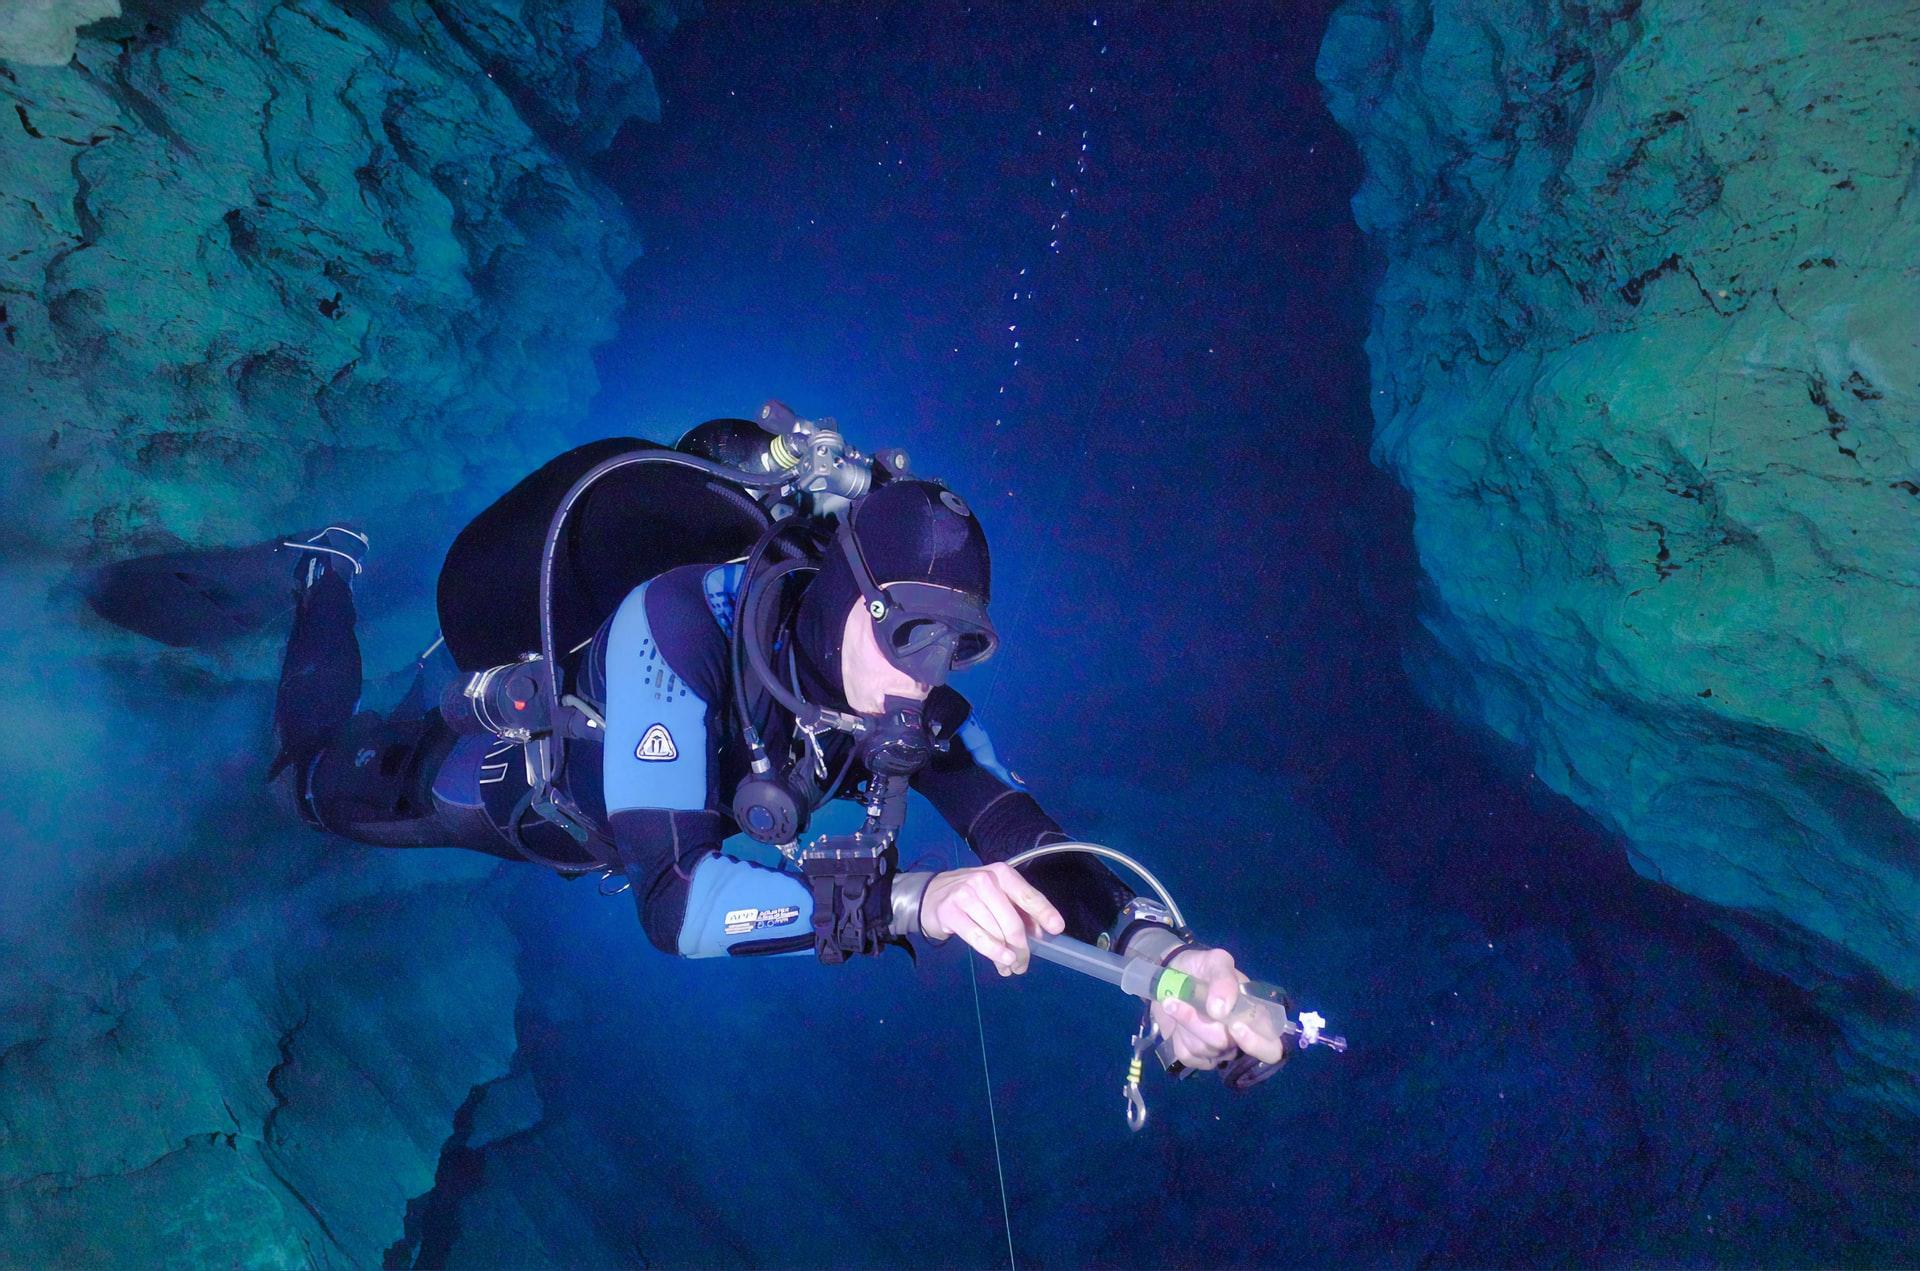 cave diving in croatia